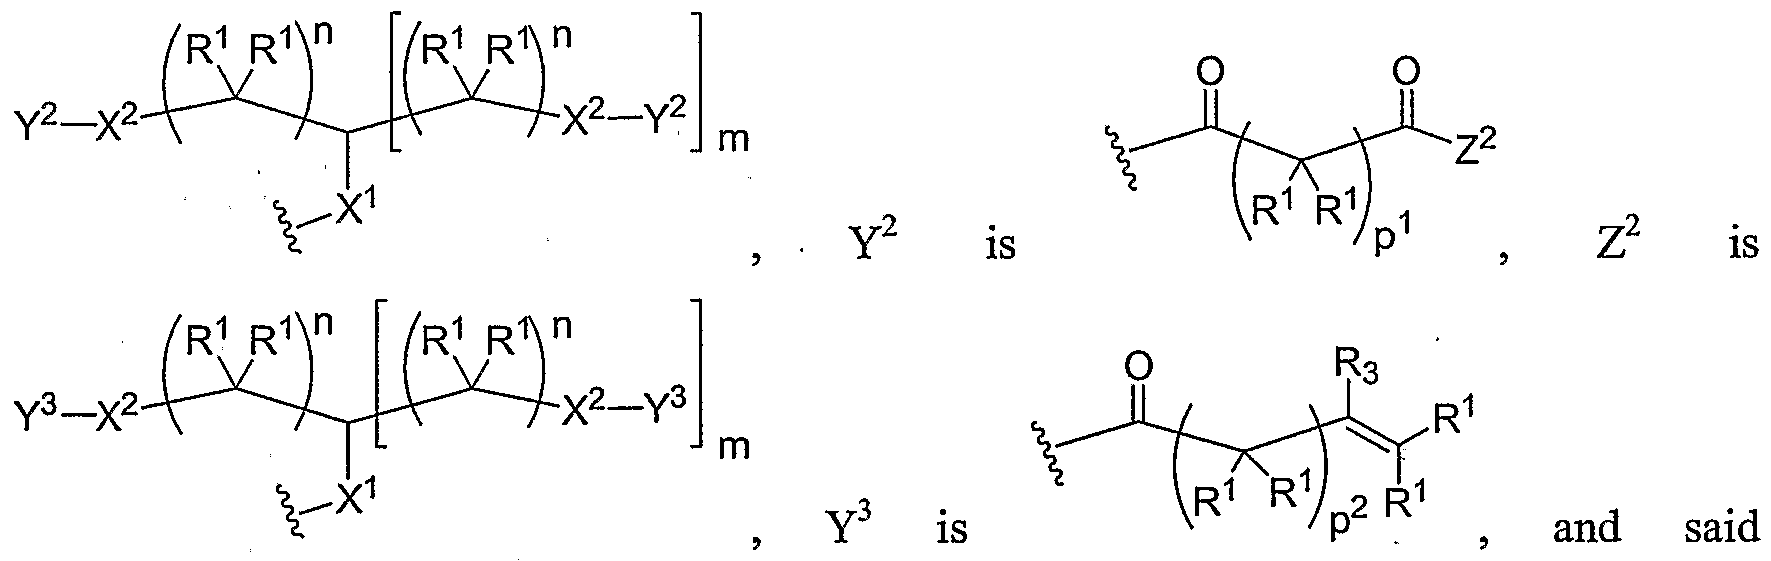 Figure imgf000107_0004